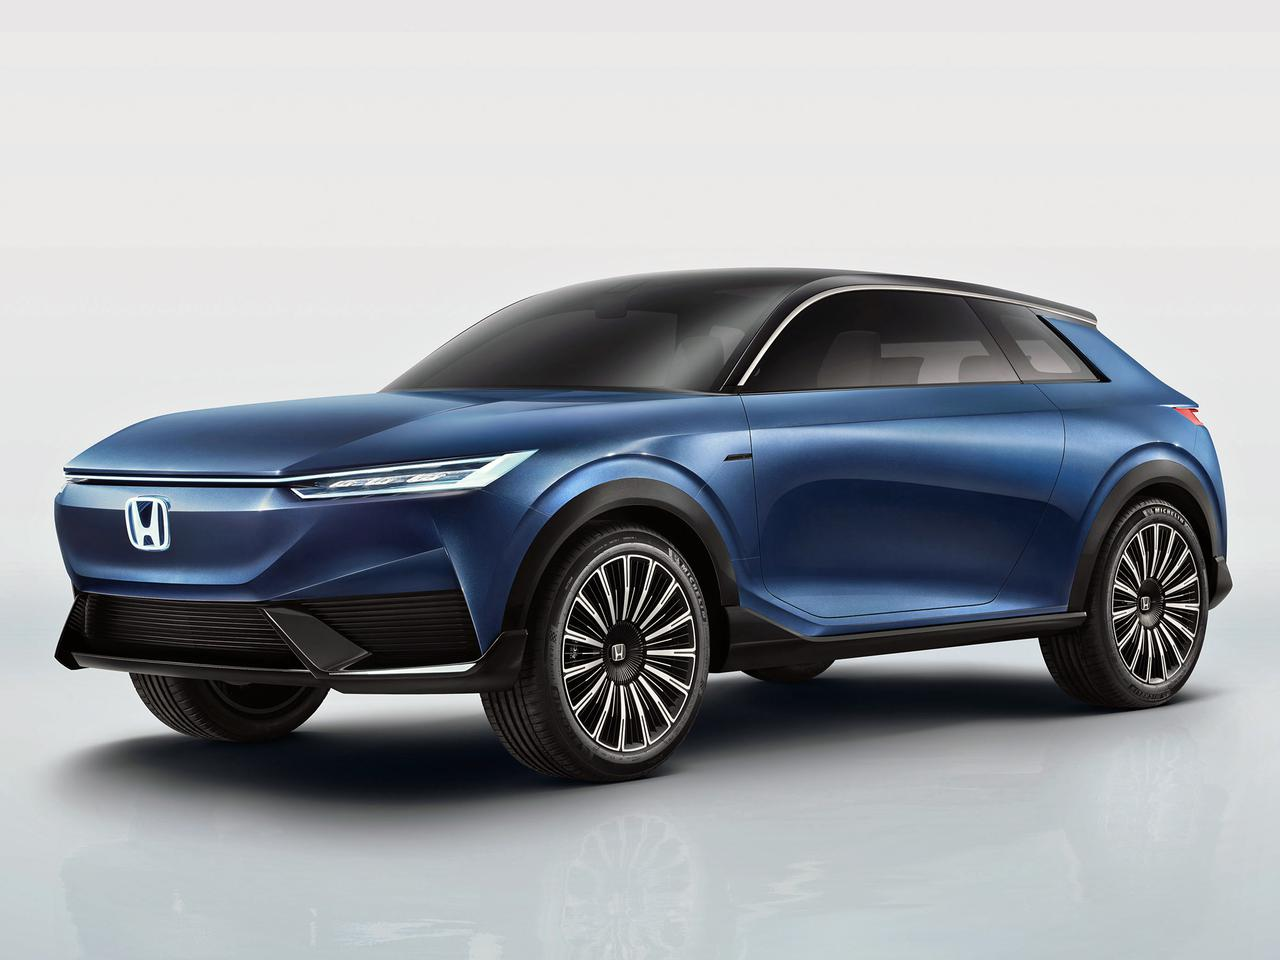 ホンダが北京モーターショーで電気自動車のコンセプトモデル「ホンダ SUV e:コンセプト」を世界初公開